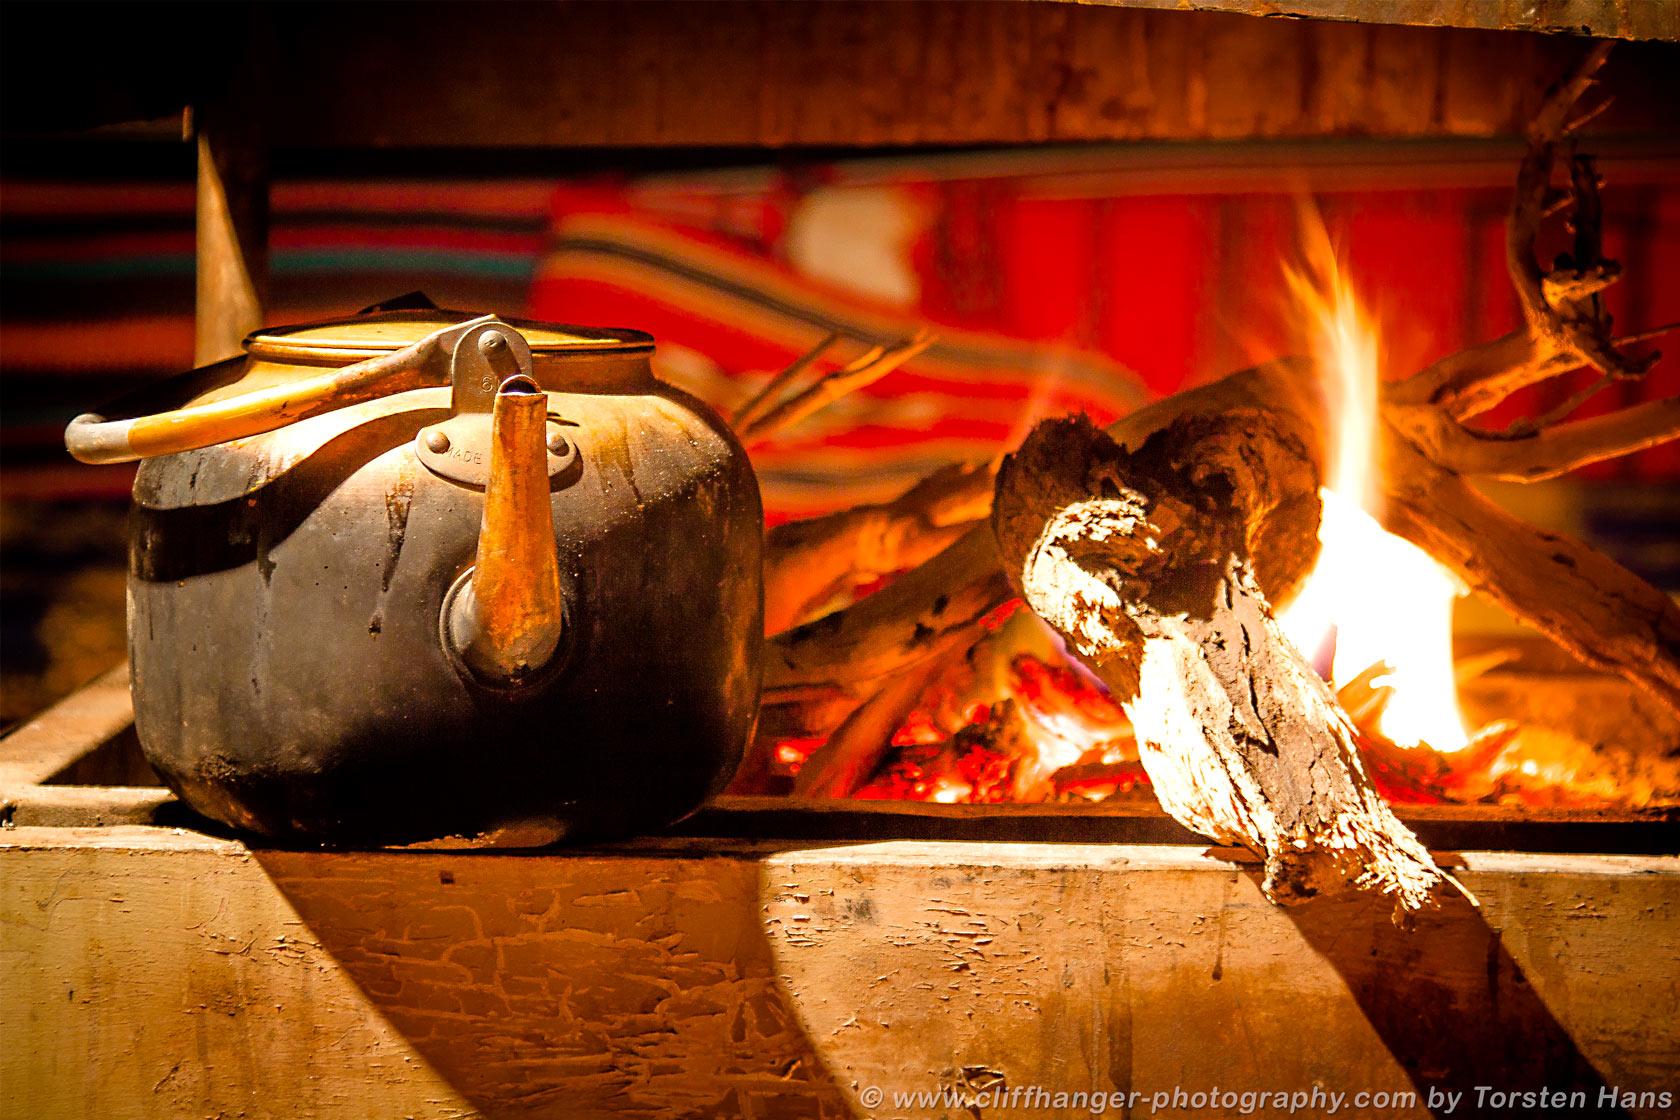 mystic flames